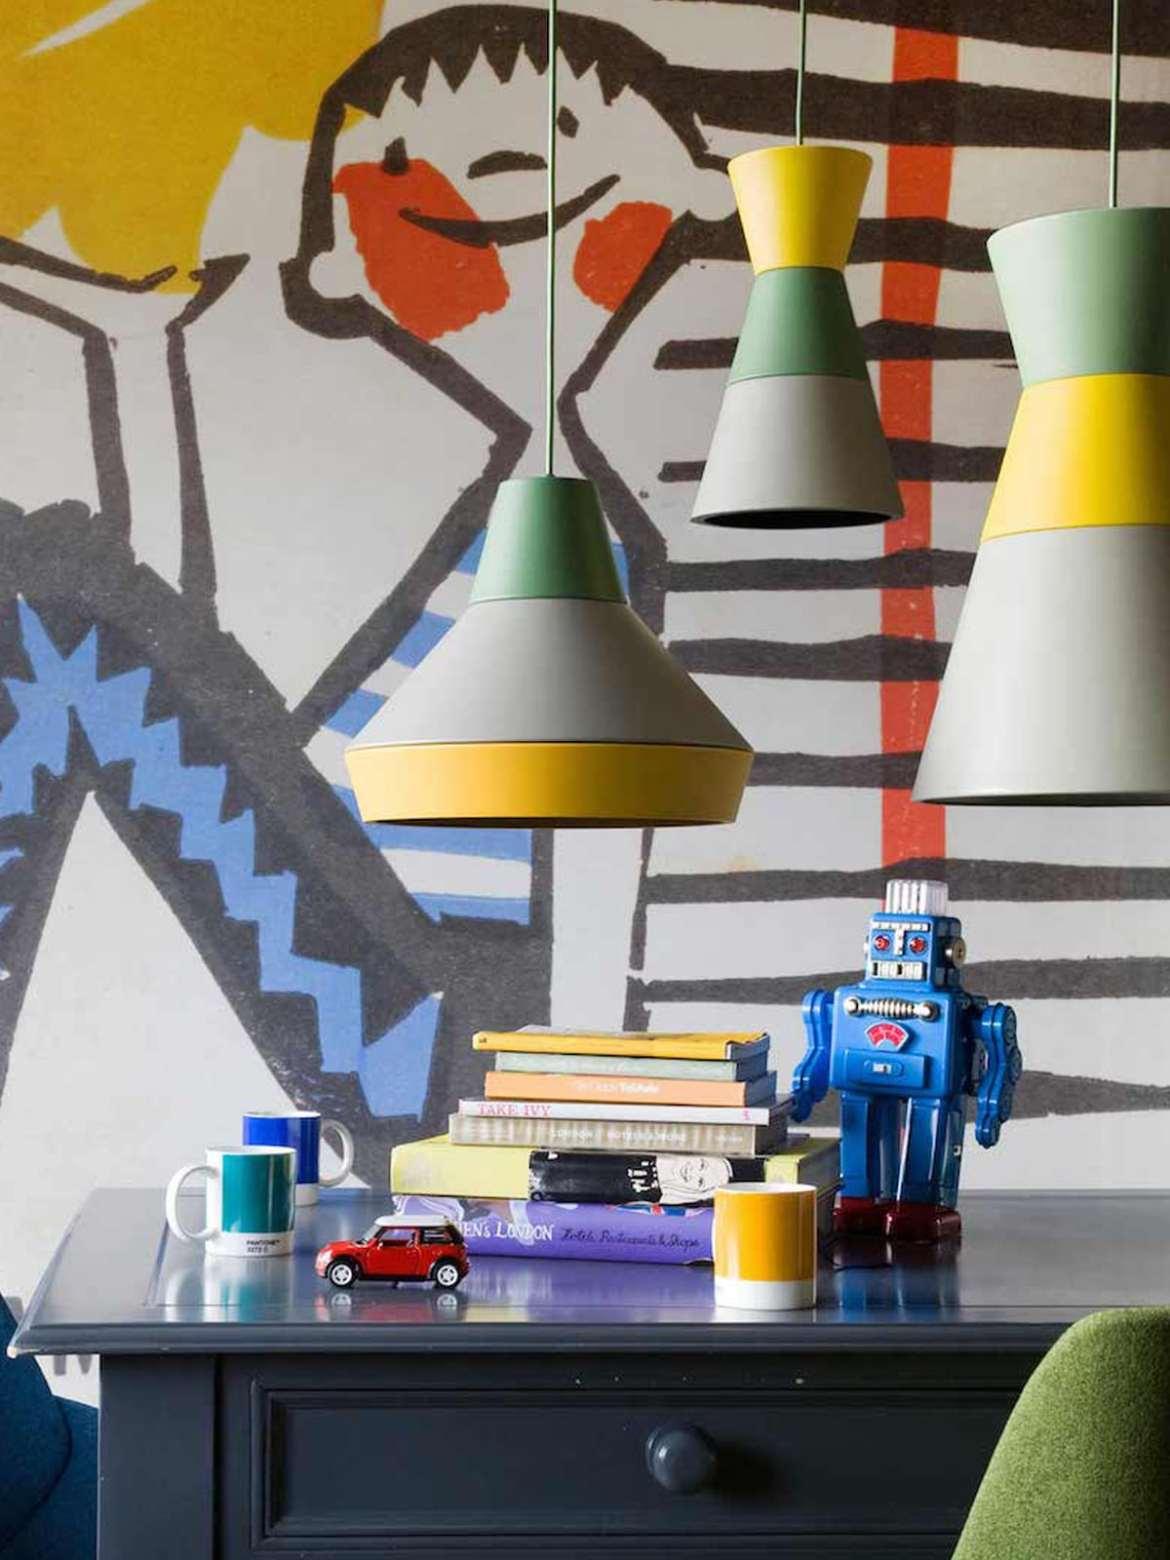 DesignOrt Blog: Farbenfrohe Leuchten Grupa Products ili ili EITHER OR modulare Systemleuchte zum selber Zusammenstellen